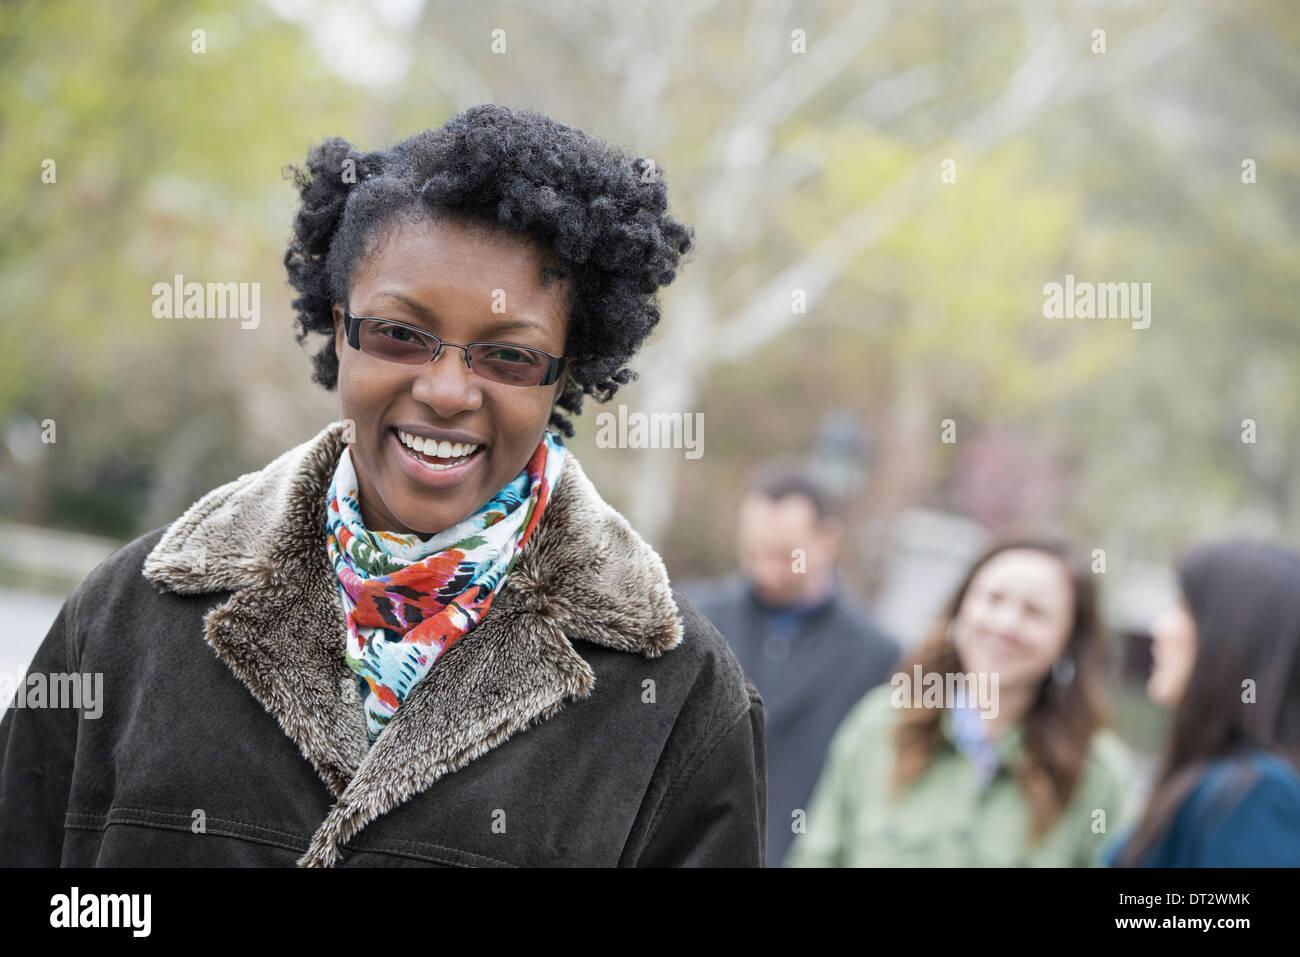 Un grupo de personas en un parque de la ciudad a una joven en un escudo con un collar grande sonriendo y mirando la cámara Imagen De Stock